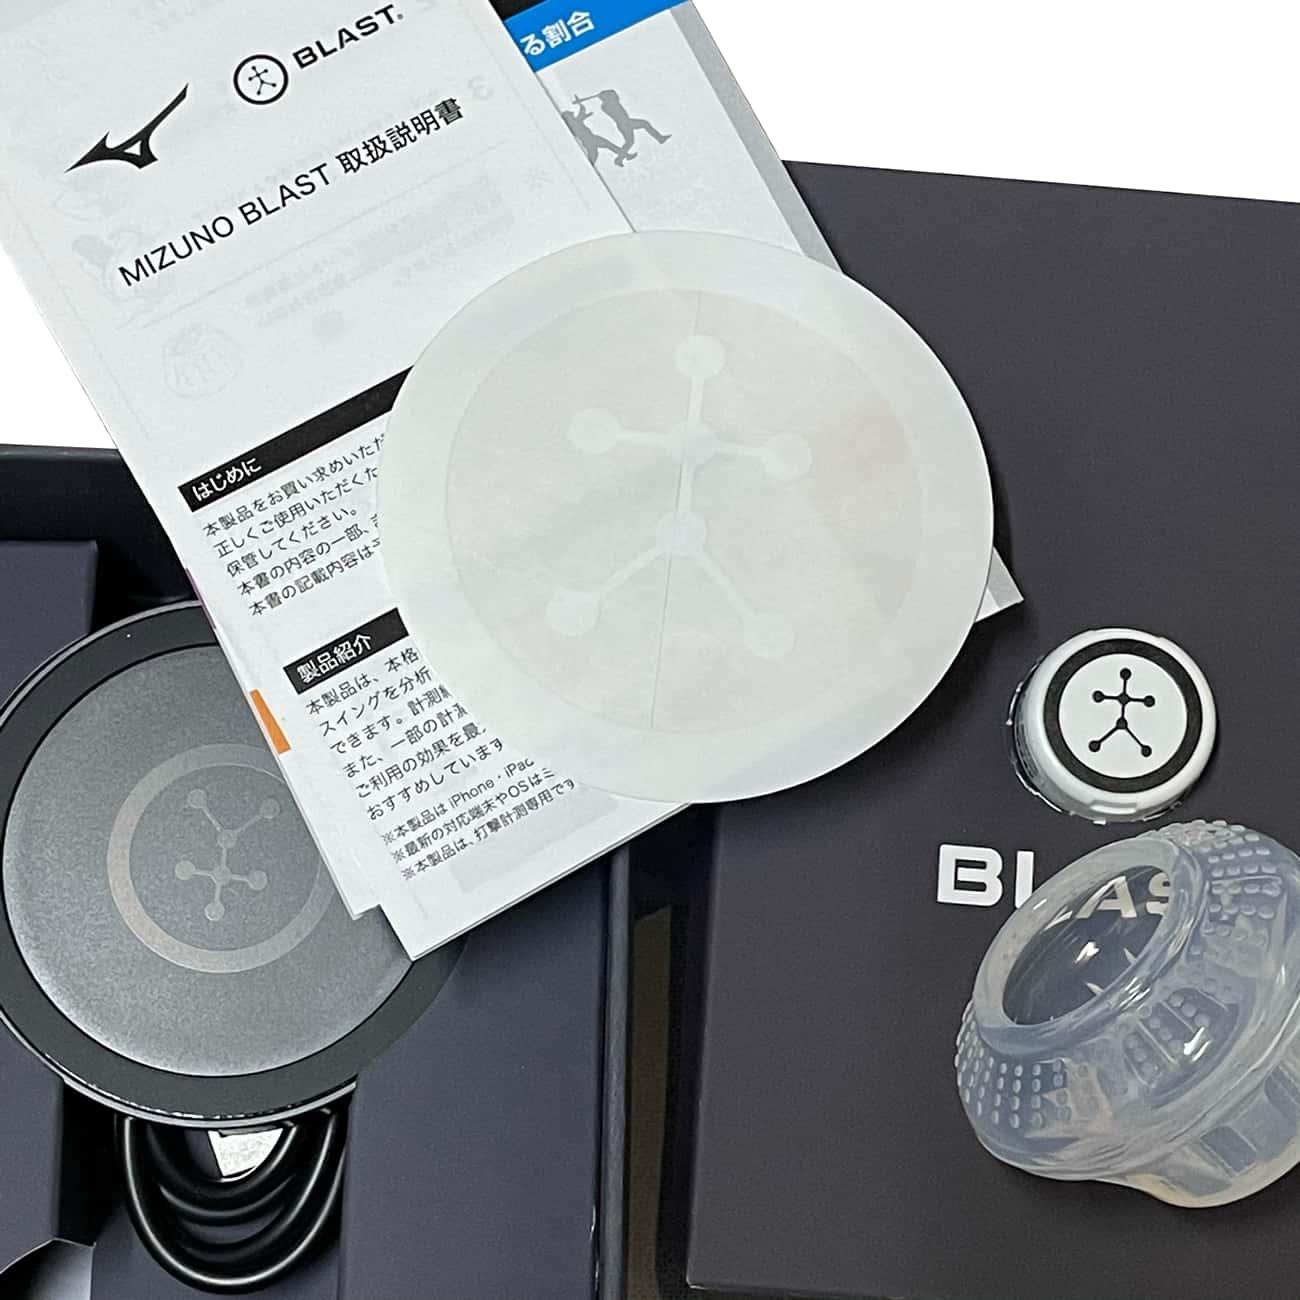 BLAST BASEBALL センサー 1GJMC00300 セット一覧